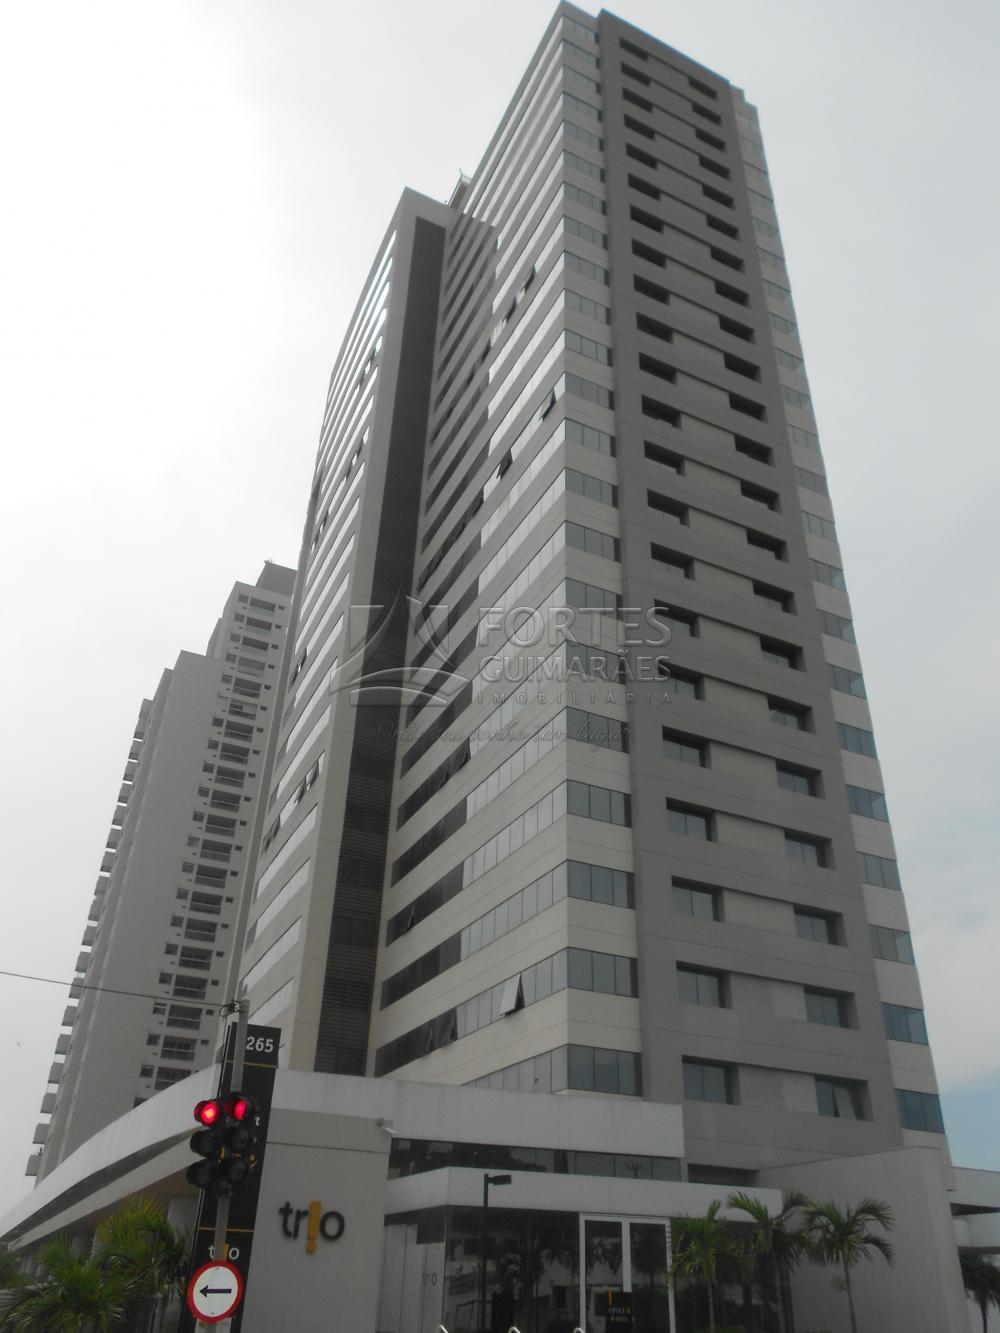 Alugar Comercial / Sala em Ribeirão Preto. apenas R$ 4.800,00